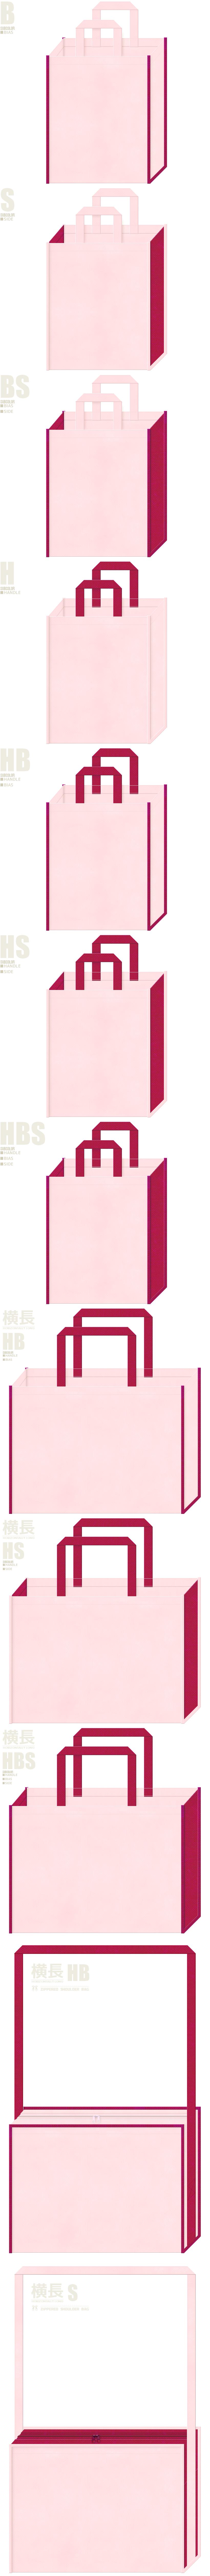 桜色と濃いピンク色、7パターンの不織布トートバッグ配色デザイン例。着付け教室・和装イベントのバッグノベルティにお奨めです。